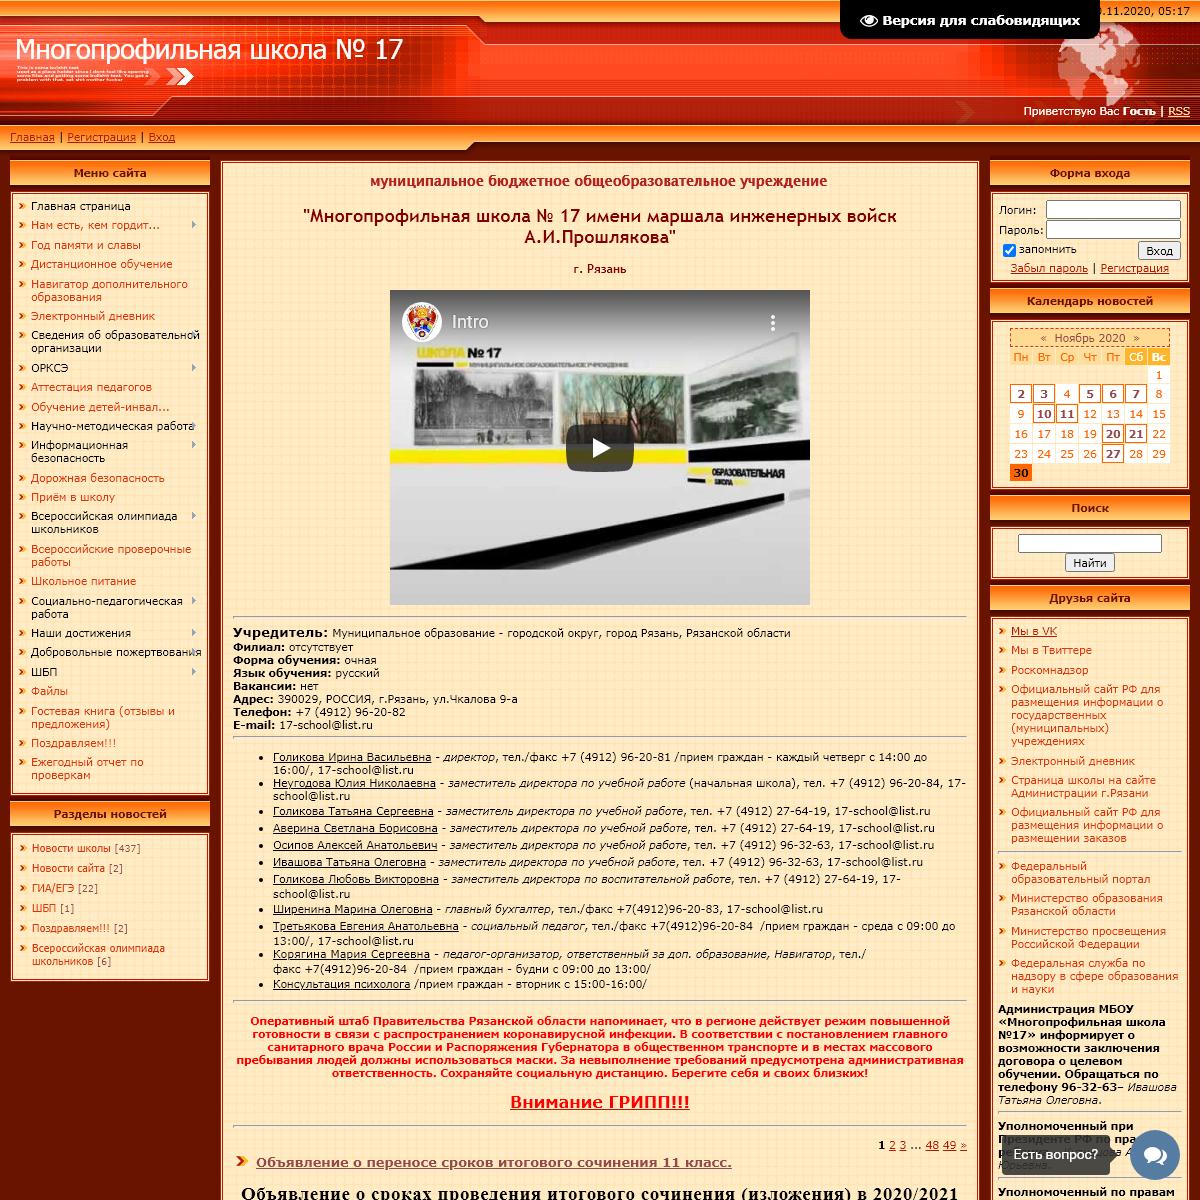 МБОУ -Многопрофильная школа № 17- г. Рязань - Главная страница